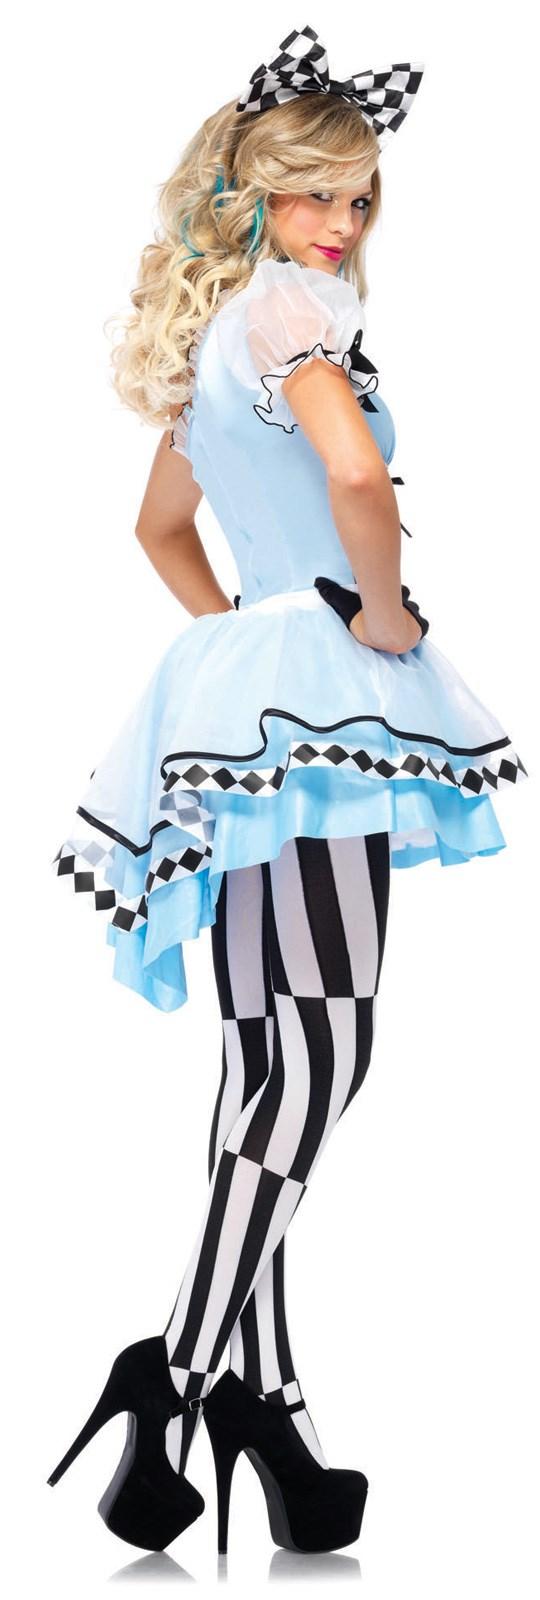 Psychedelic Alice in Wonderland Alice in Wonderland